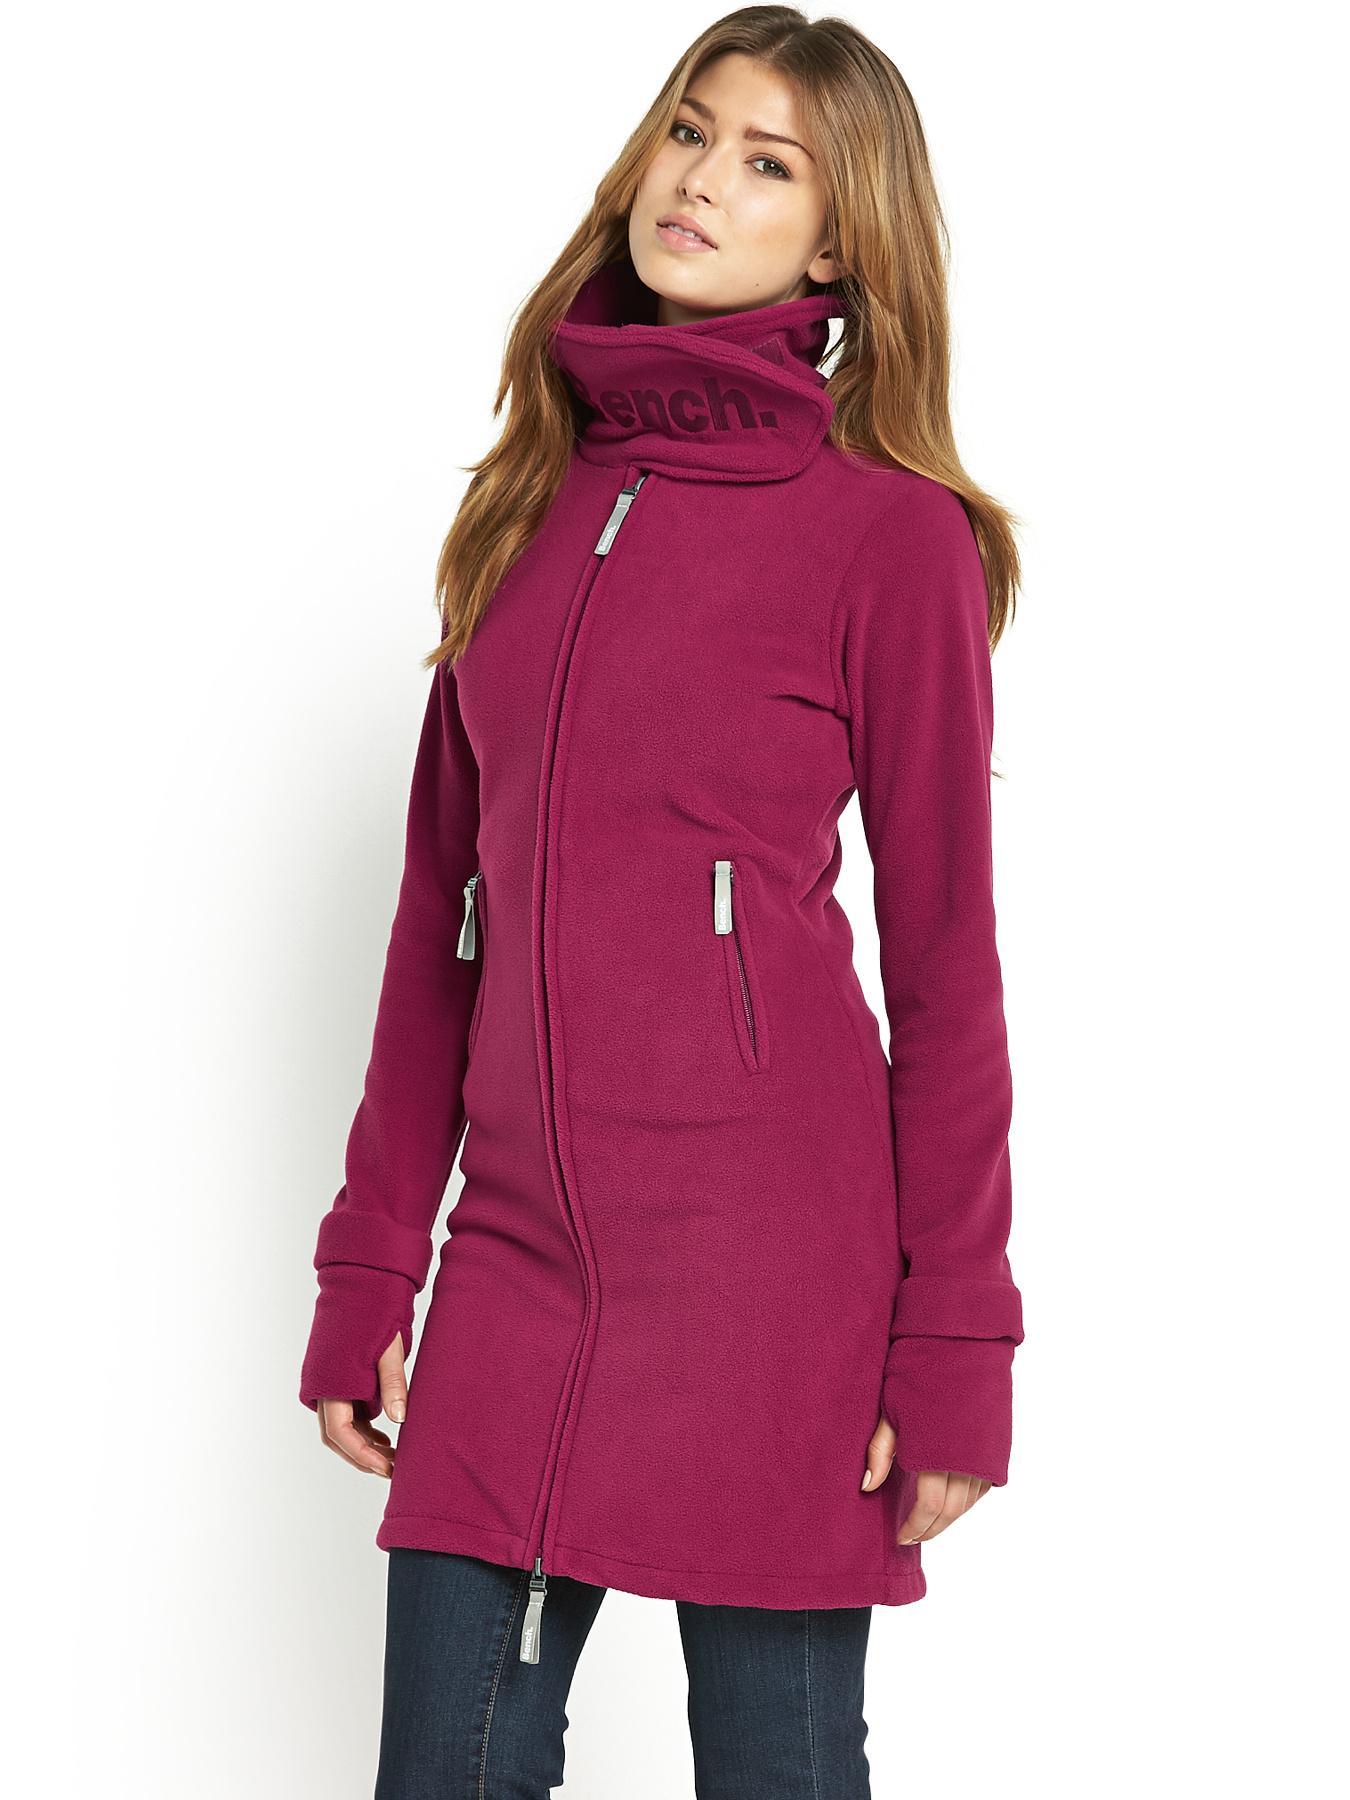 Bench Longline Funnel Neck Fleece In Pink Raspberry Lyst